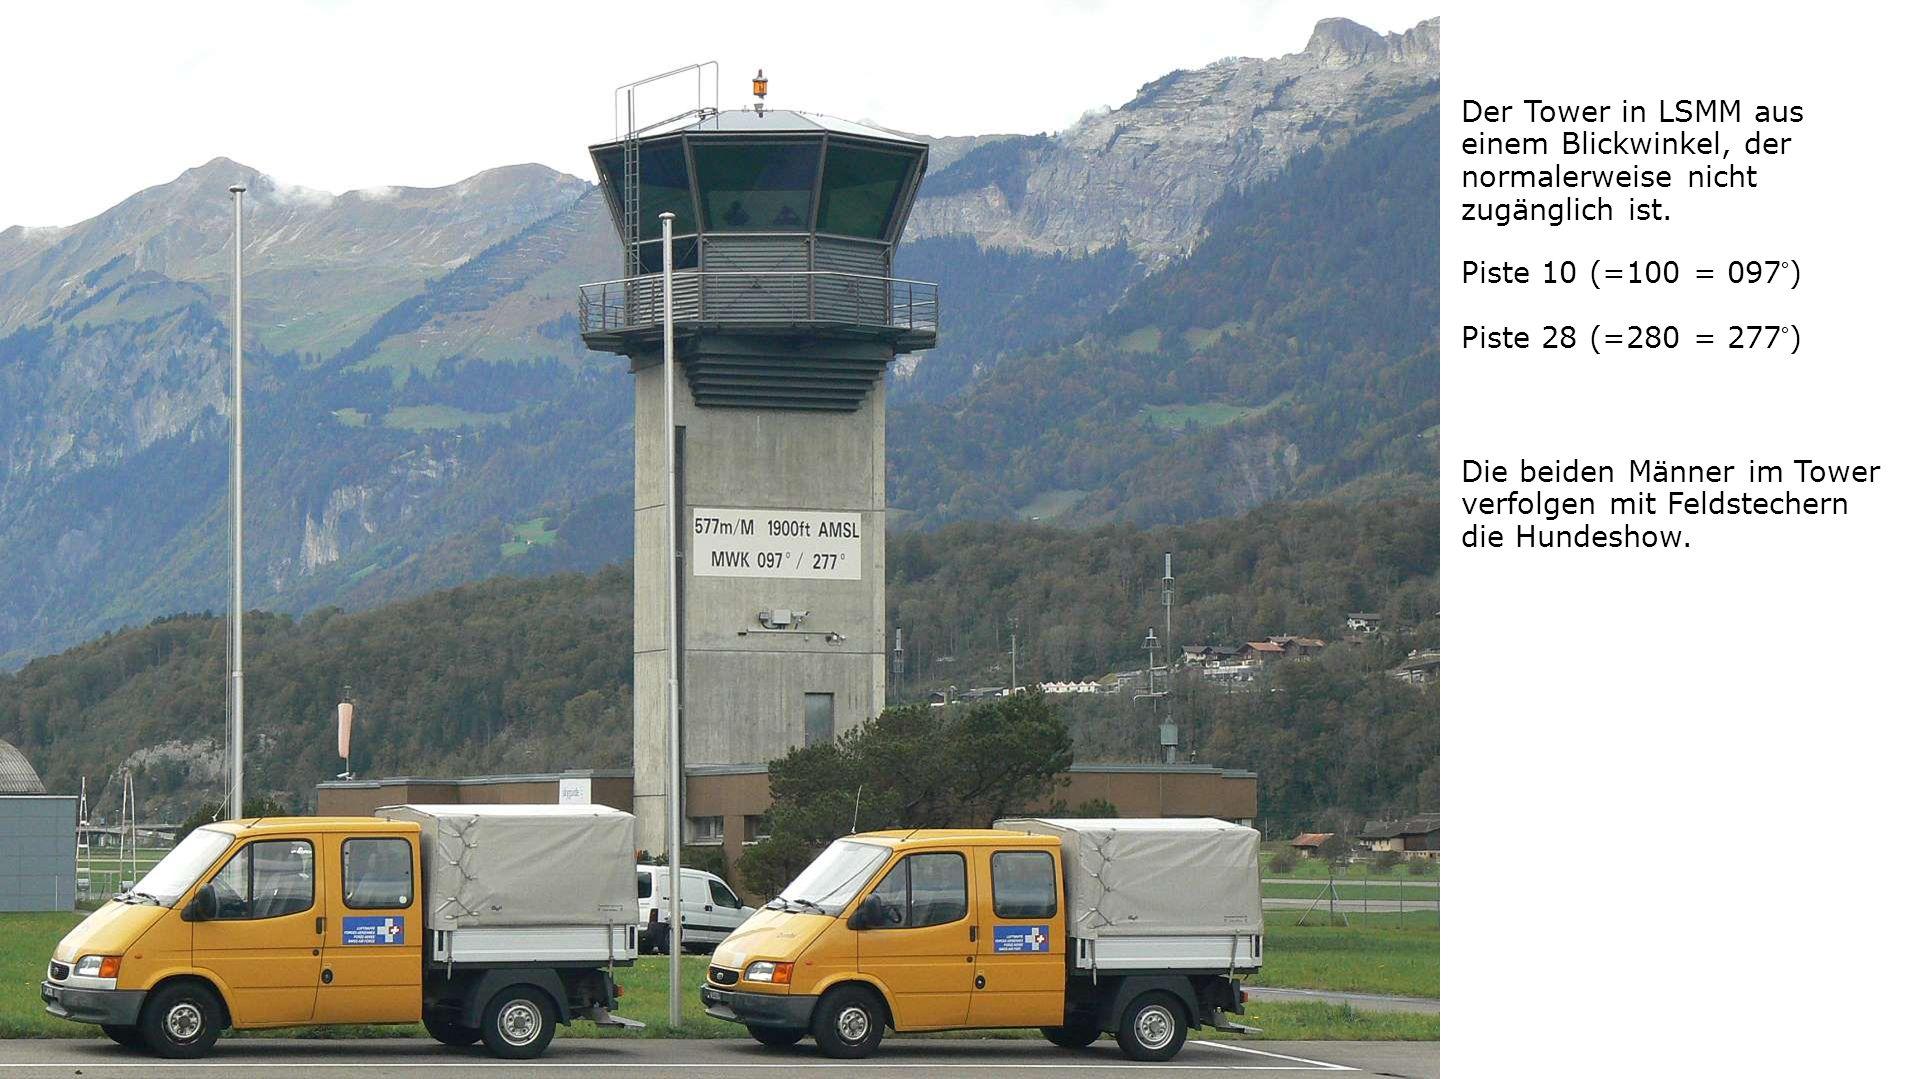 Der Tower in LSMM aus einem Blickwinkel, der normalerweise nicht zugänglich ist.